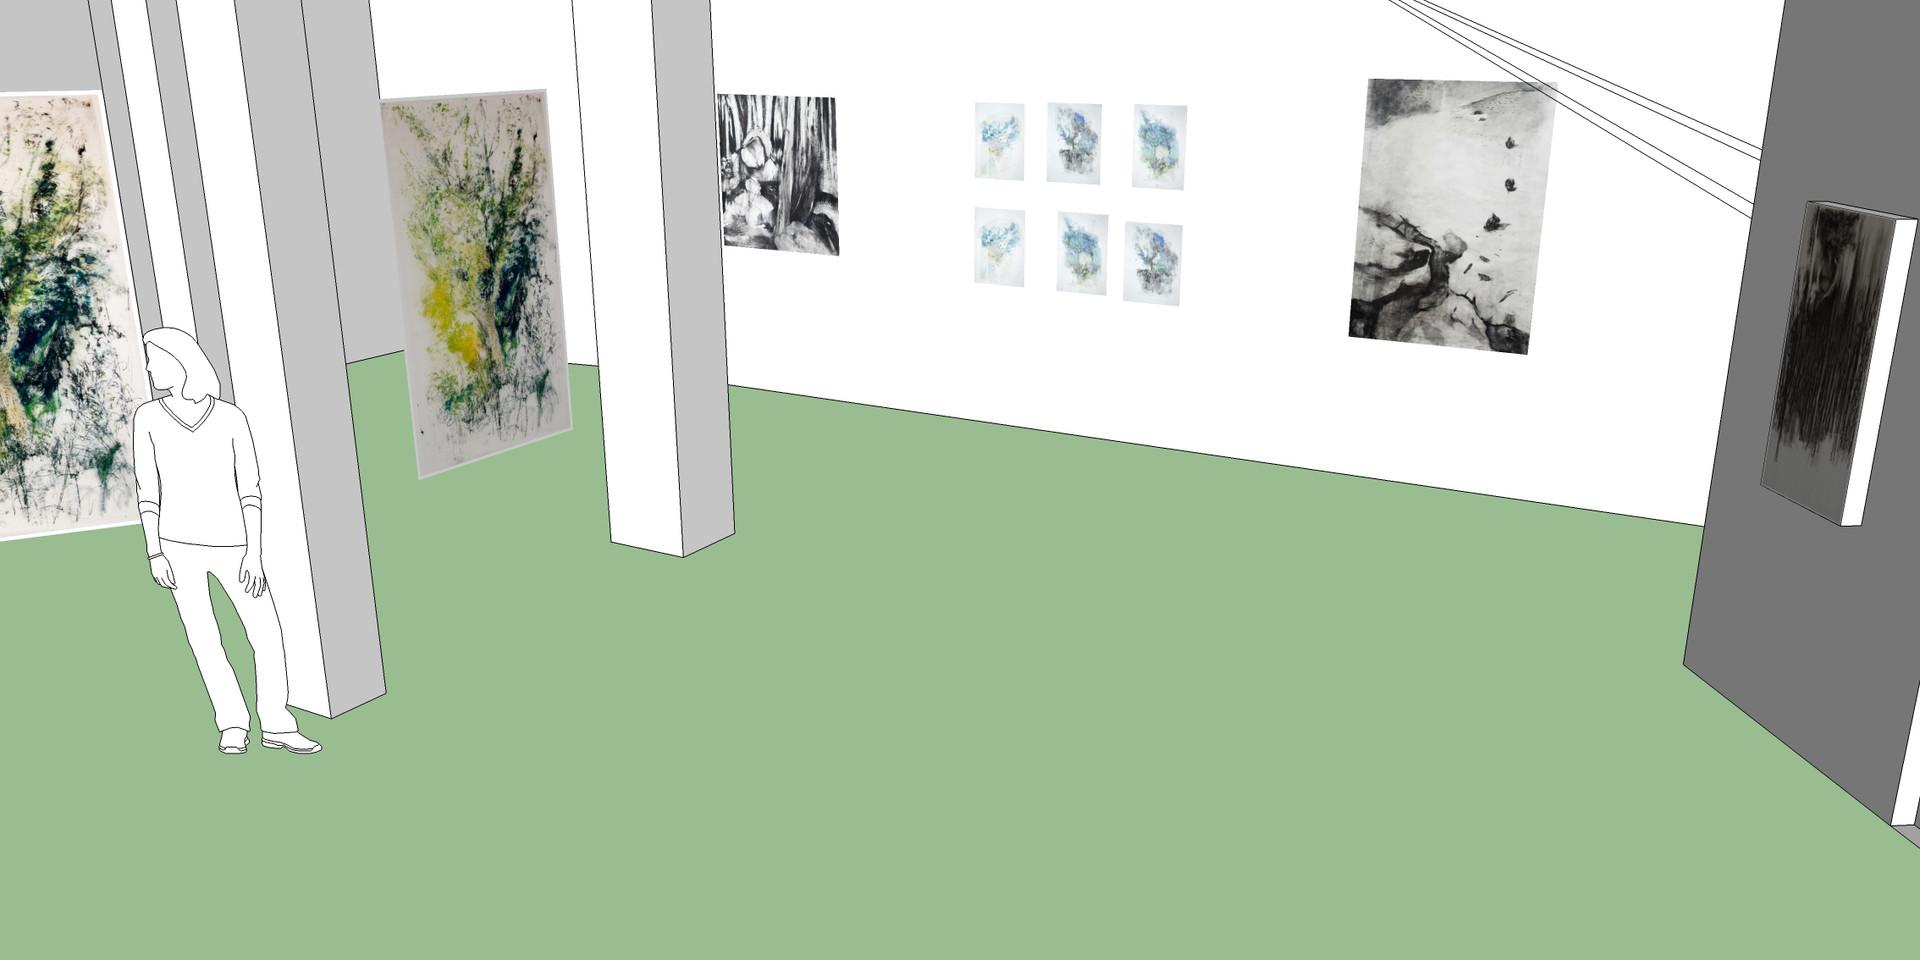 mostra_20200126 - copie.jpg